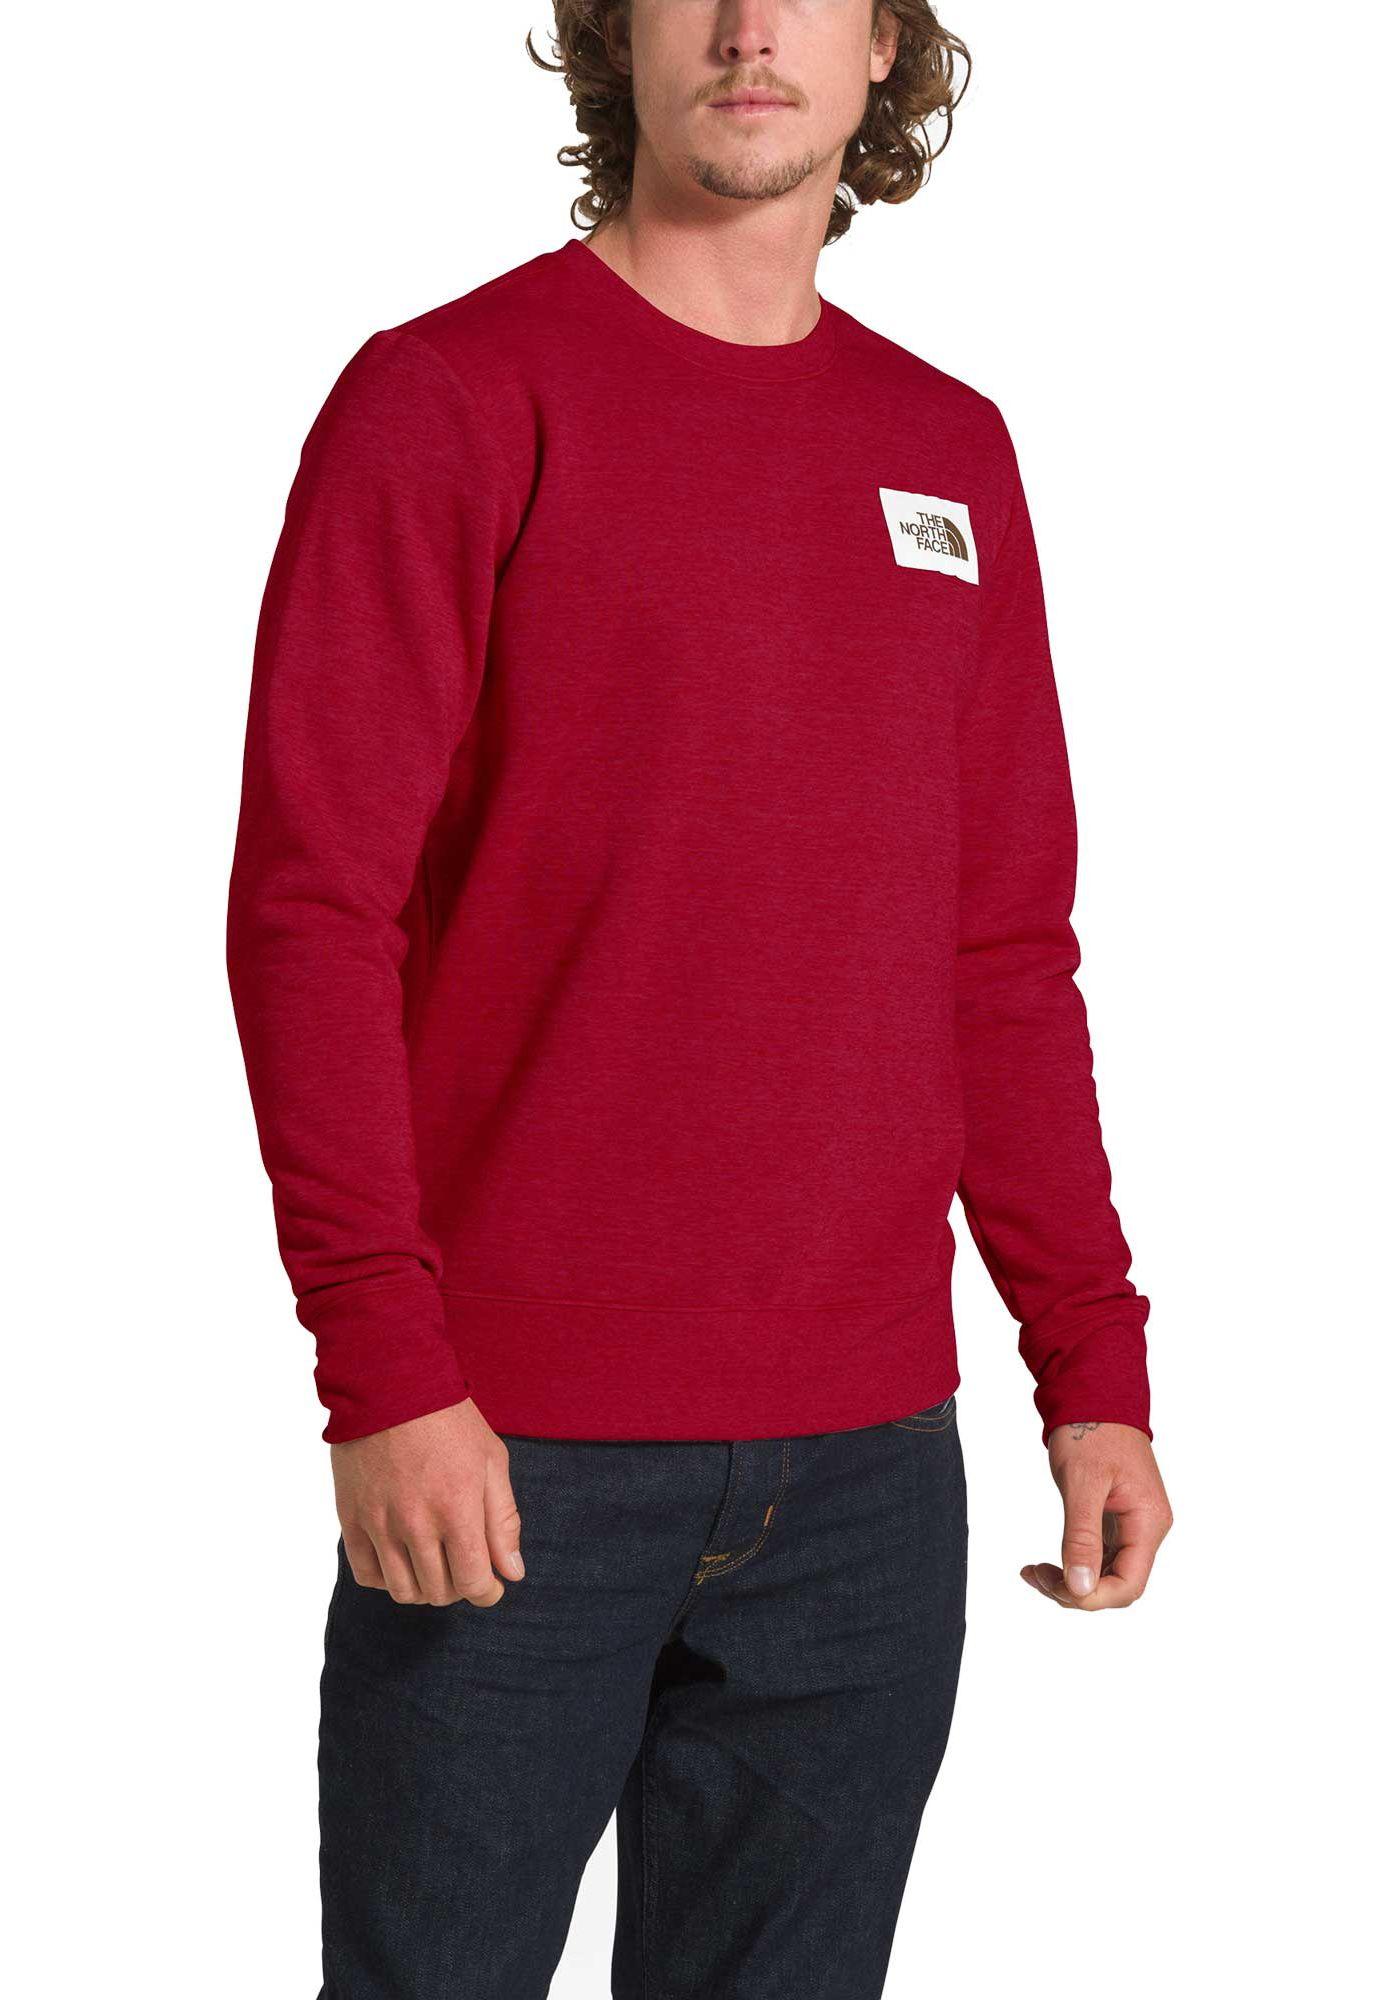 The North Face Men's Heritage Crew Sweatshirt